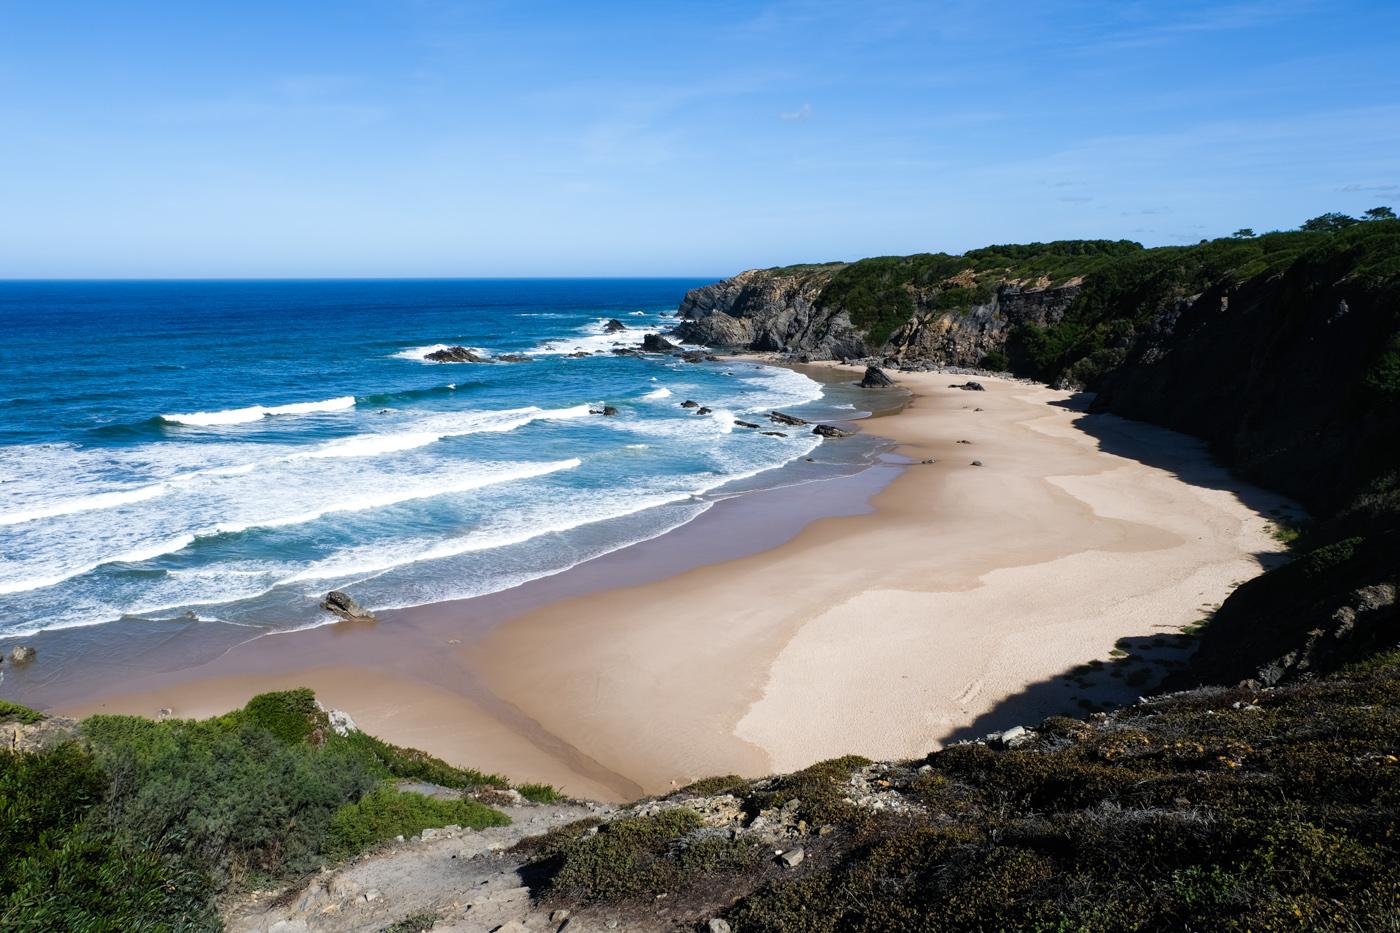 Rota Vicentina cammino a piedi Portogallo sentiero dei pescatori algarve